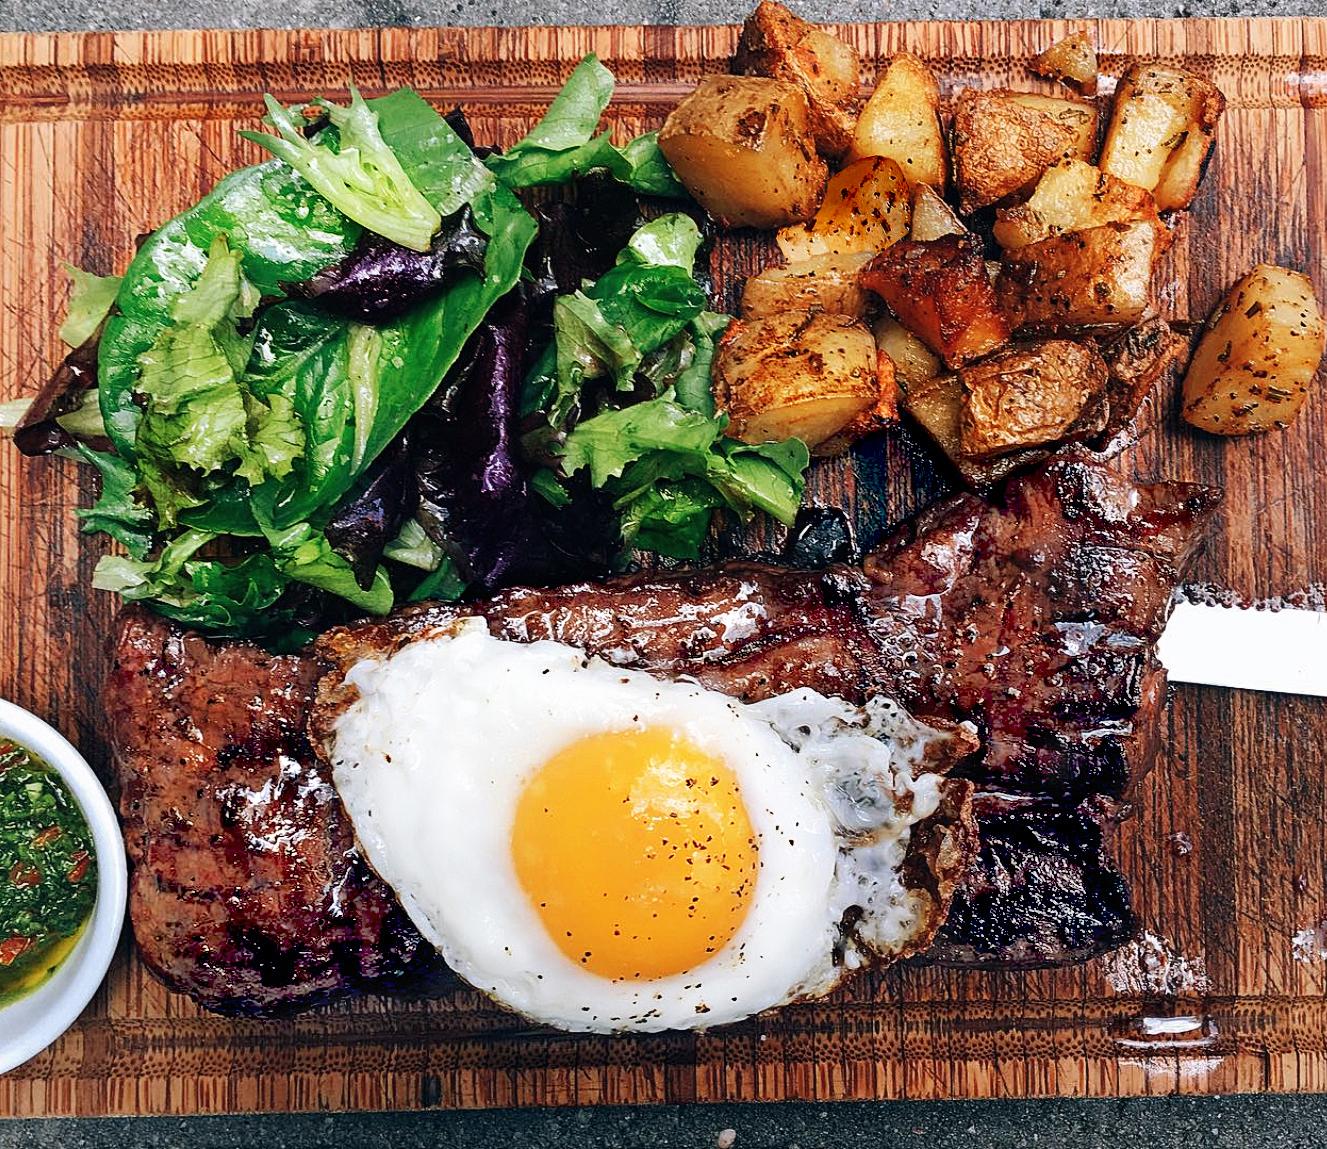 Steak copy 2.jpg